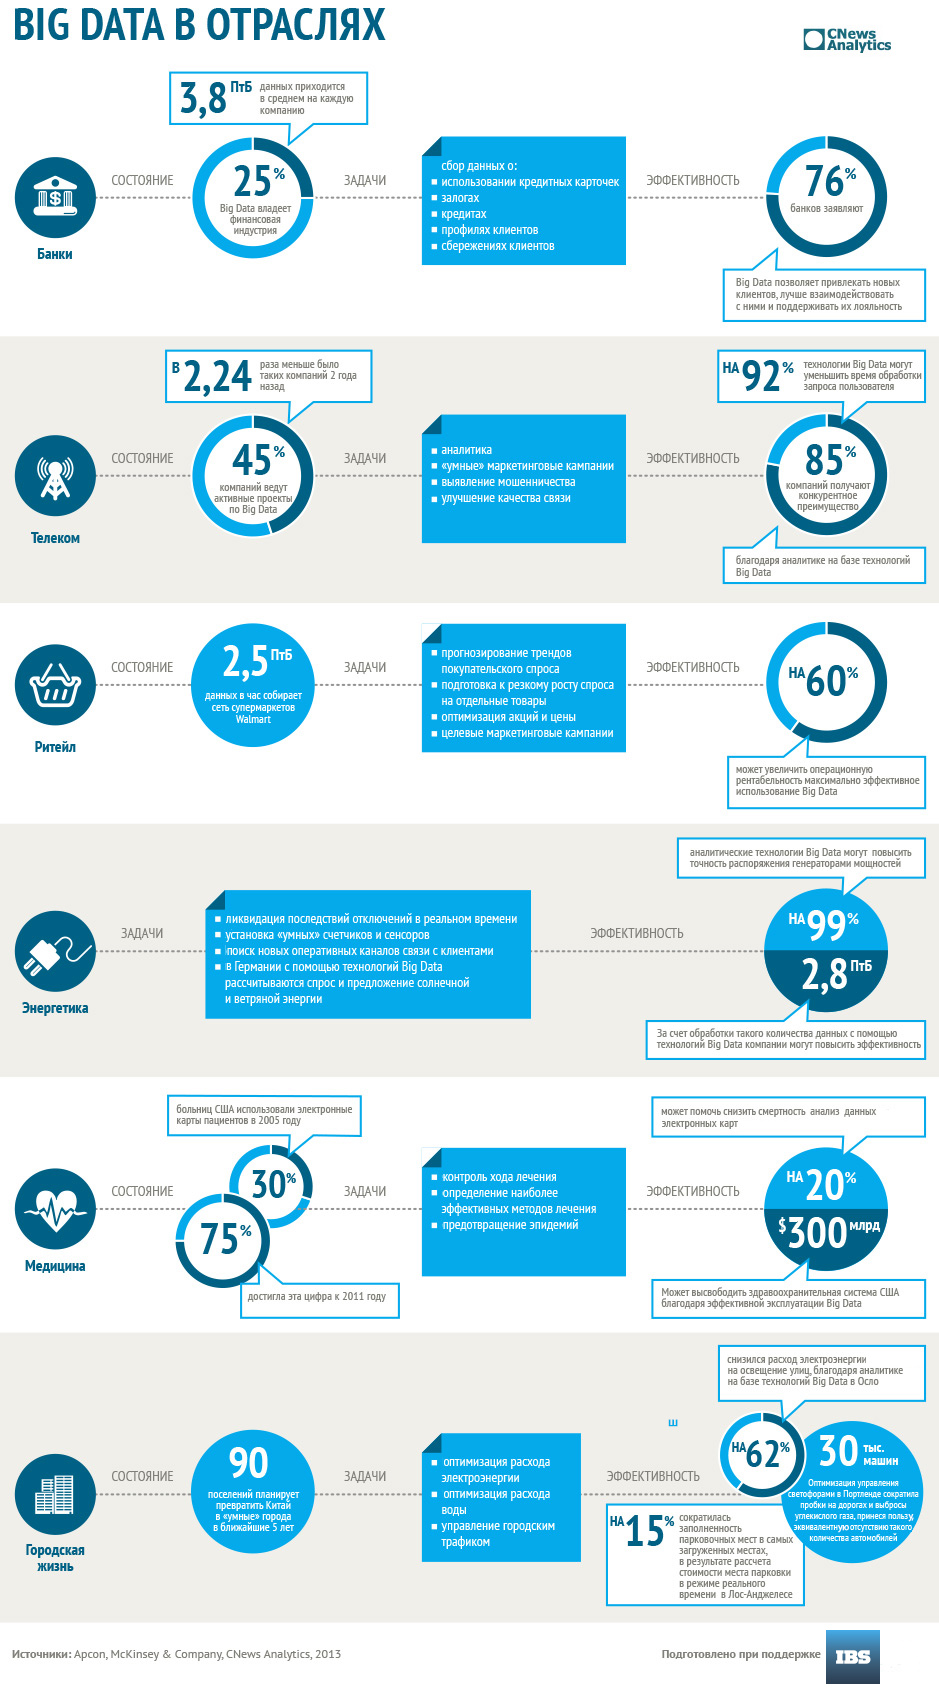 Big Data в отраслях